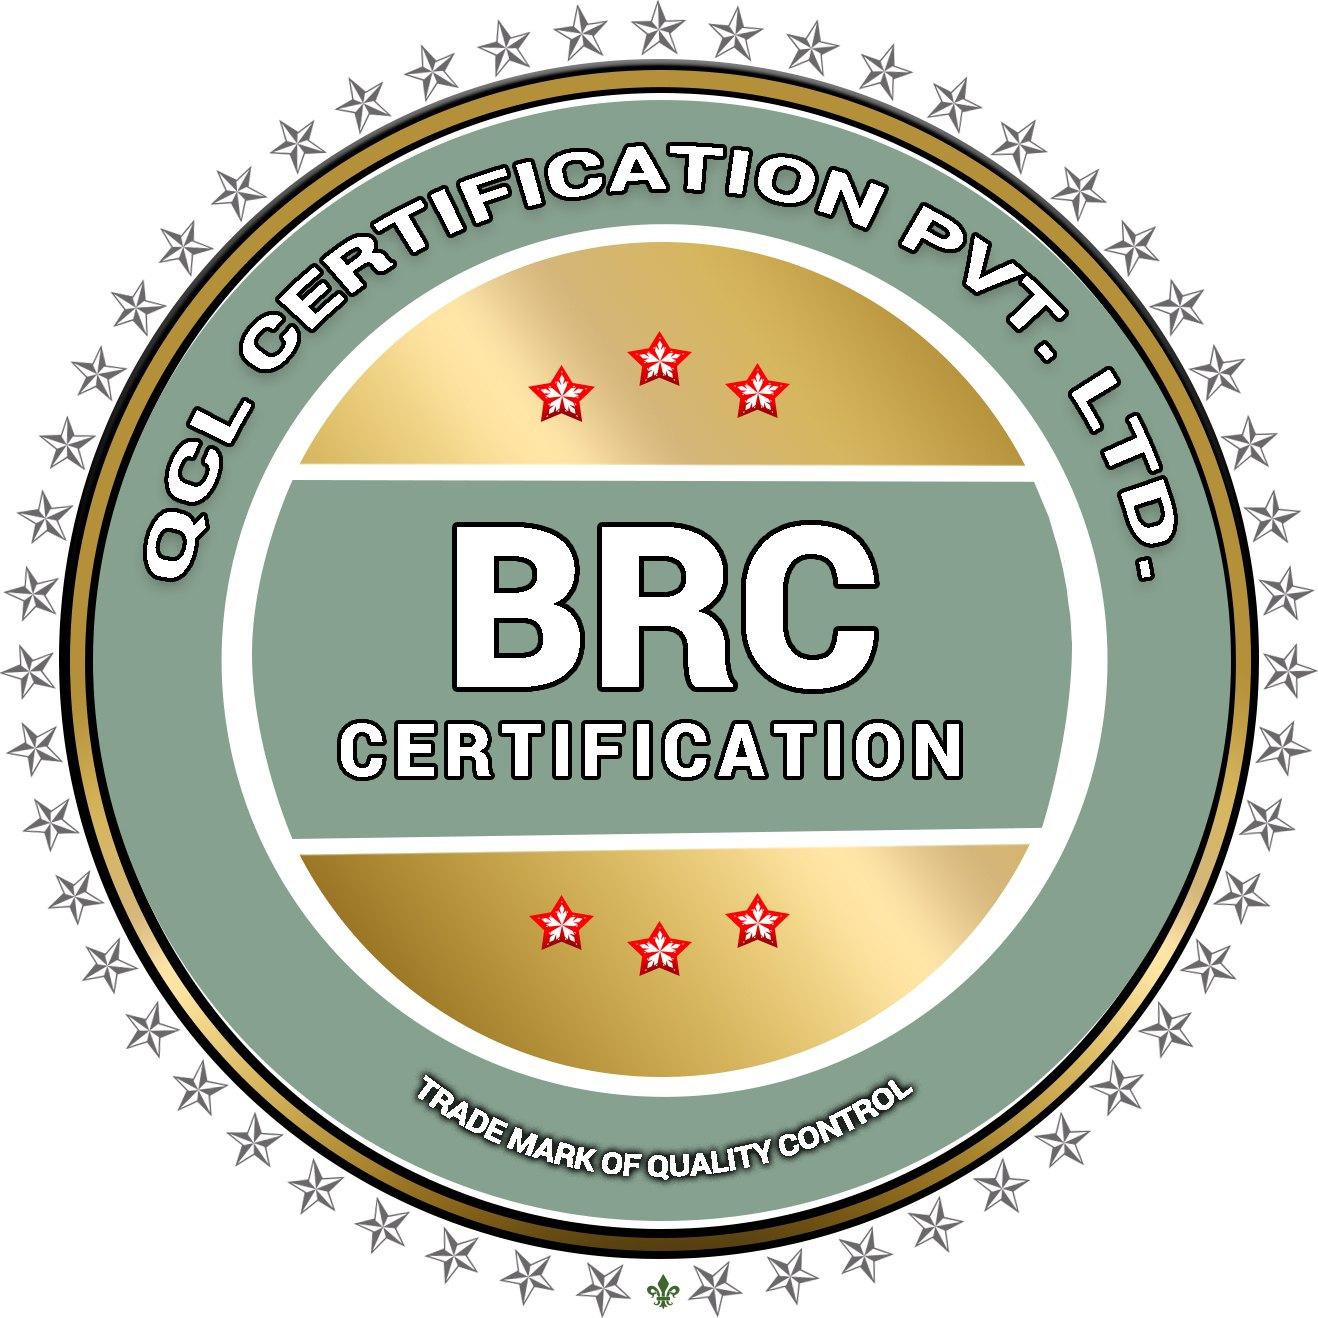 brc certification indiamart